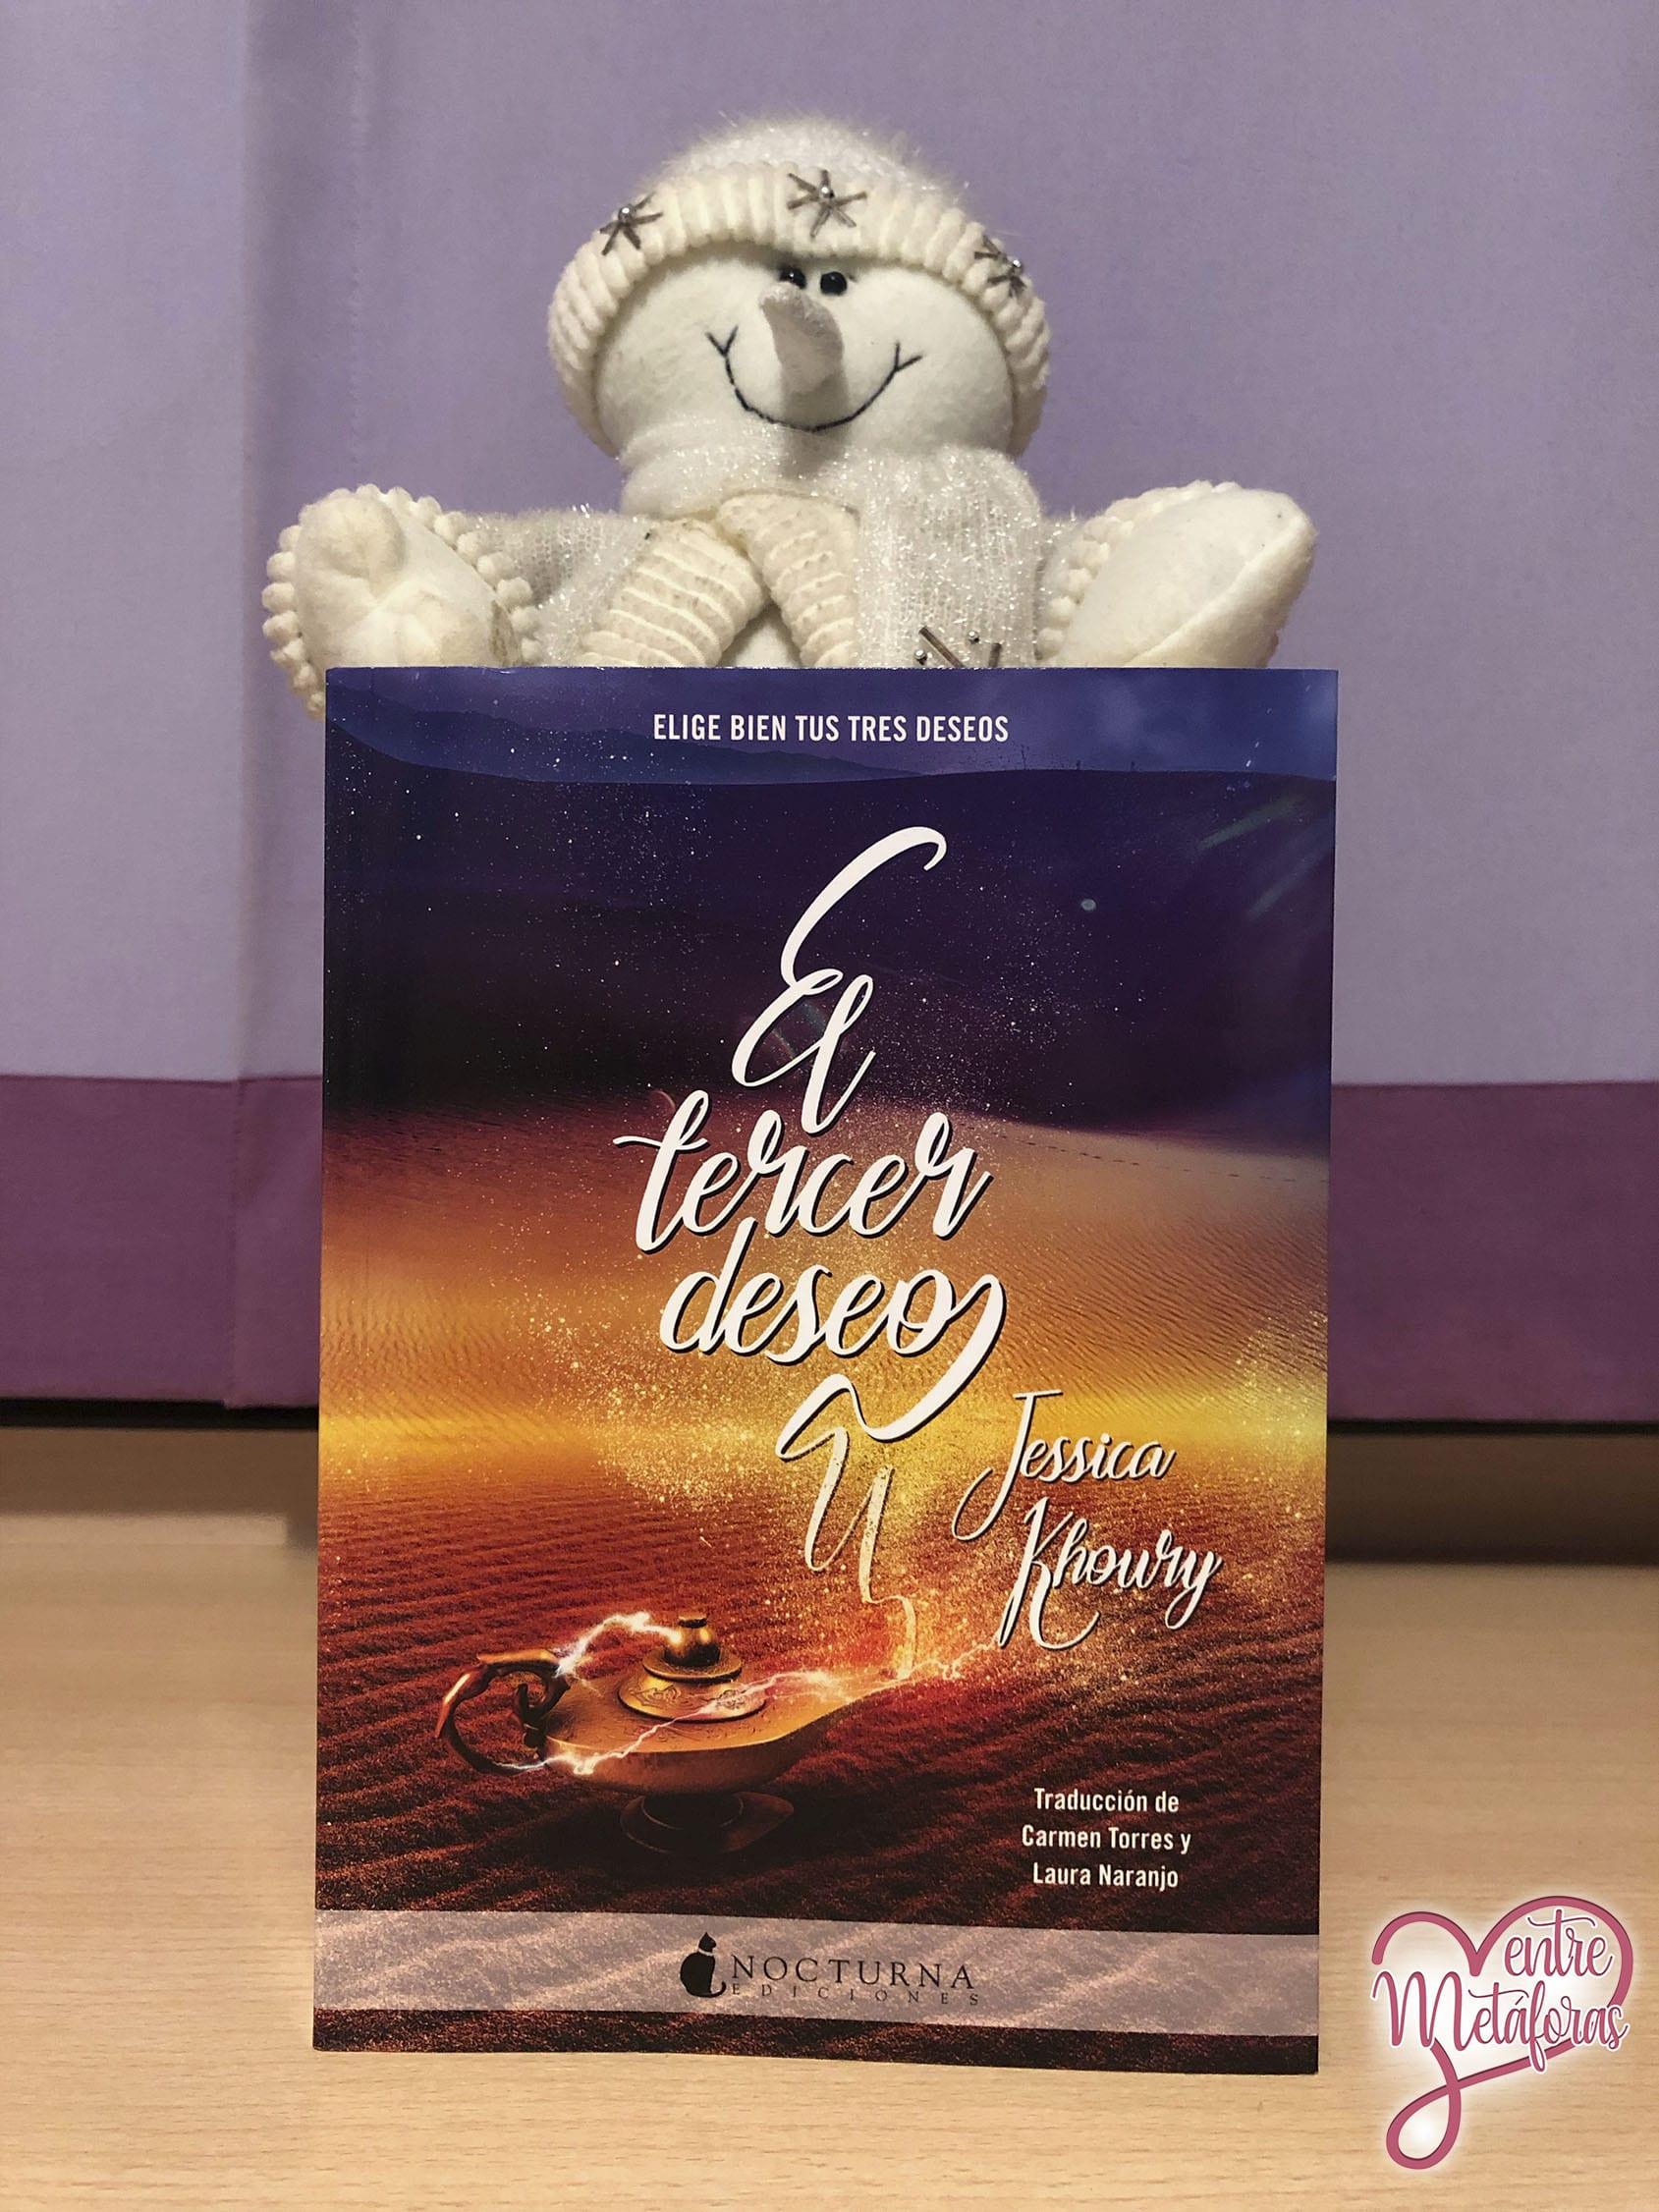 El tercer deseo, de Jessica Khoury - Reseña